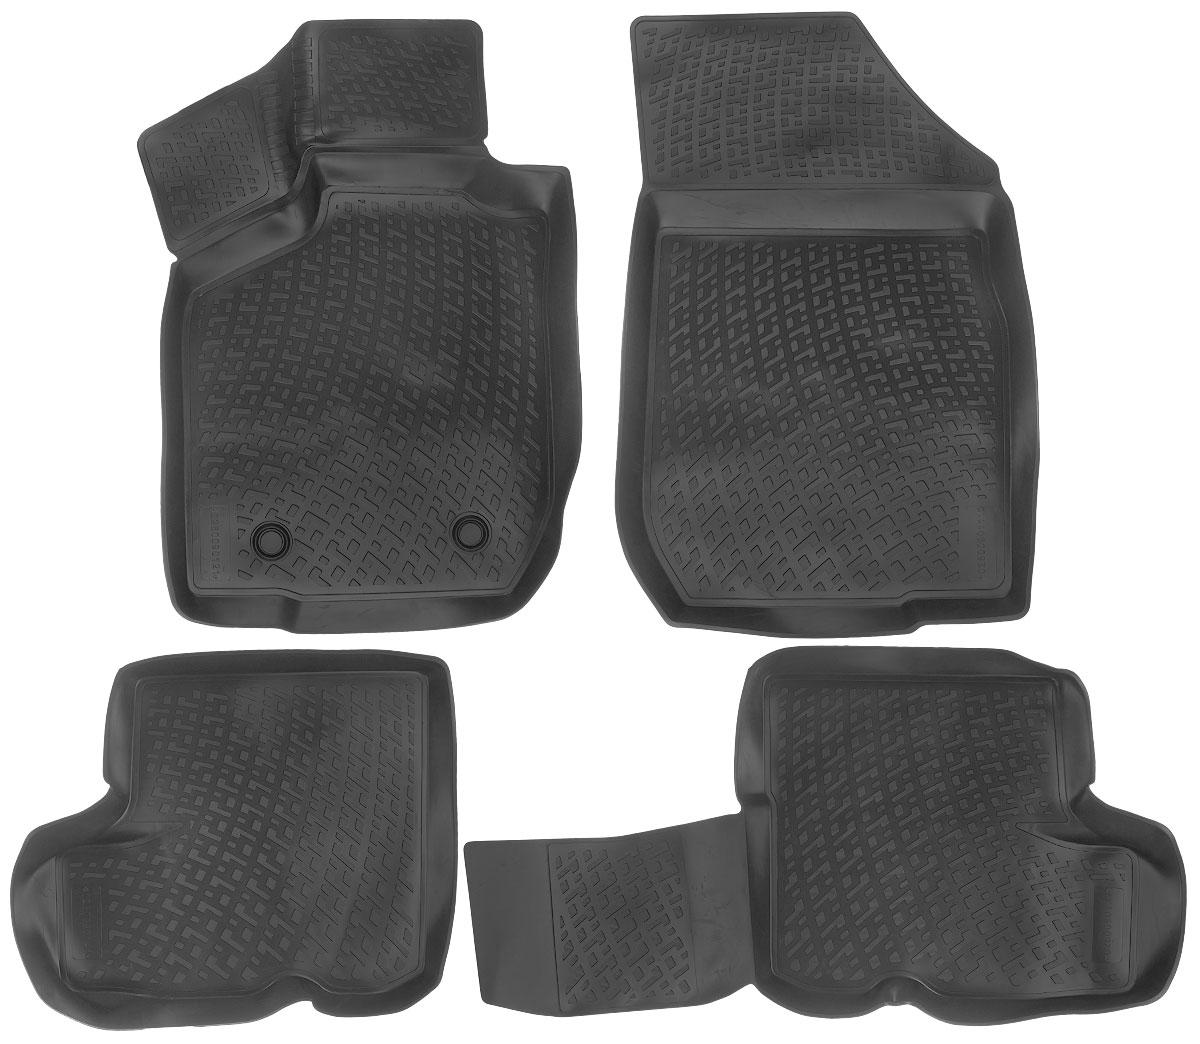 Набор автомобильных ковриков L.Locker Lada Largus 2012, в салон, 4 шт0280090101Набор L.Locker Lada Largus 2012, изготовленный из полиуретана, состоит из 4 ковриков, которые производятся индивидуально для каждой модели автомобиля. Изделие точно повторяет геометрию пола автомобиля, имеет высокий борт, обладает повышенной износоустойчивостью, лишено резкого запаха и сохраняет свои потребительские свойства в широком диапазоне температур от -50°С до +80°С. Комплектация: 4 шт. Размер ковриков: 81 см х 56 см; 81 см х 56 см; 91 см х 50 см; 50 см х 57 см.